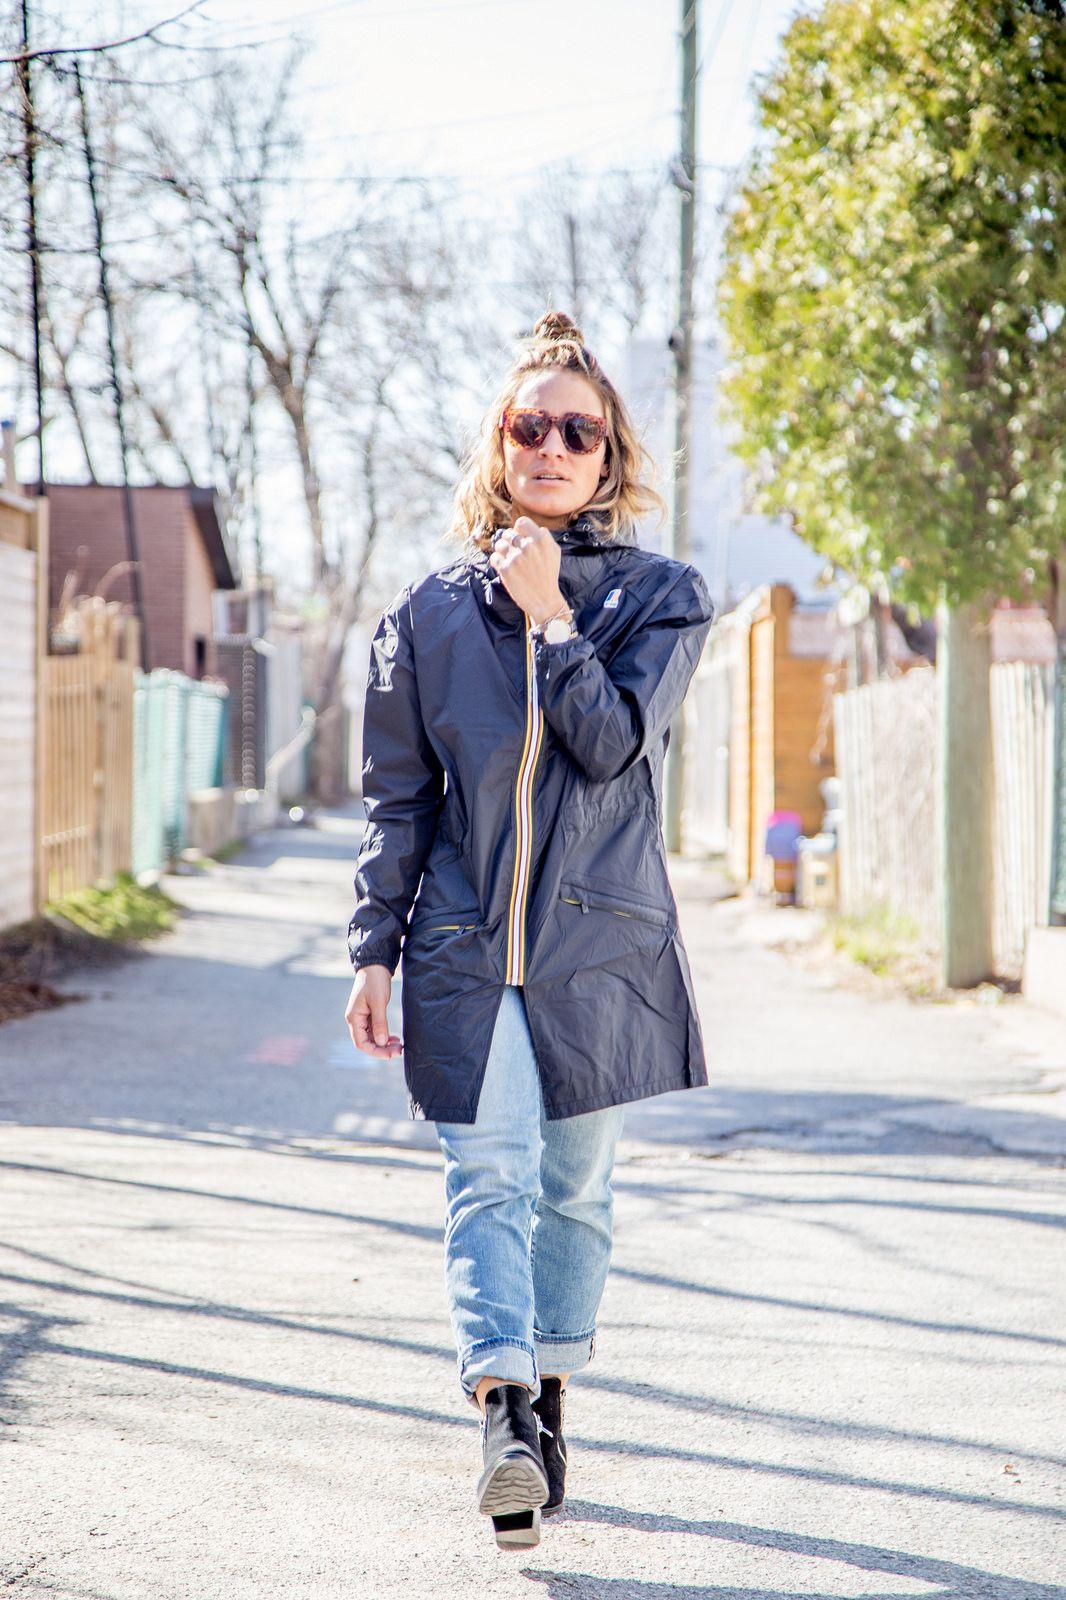 Le Vrai Eiffel 3 0 K Way Camille Dg Rain Wear Tracksuit Winter Jackets